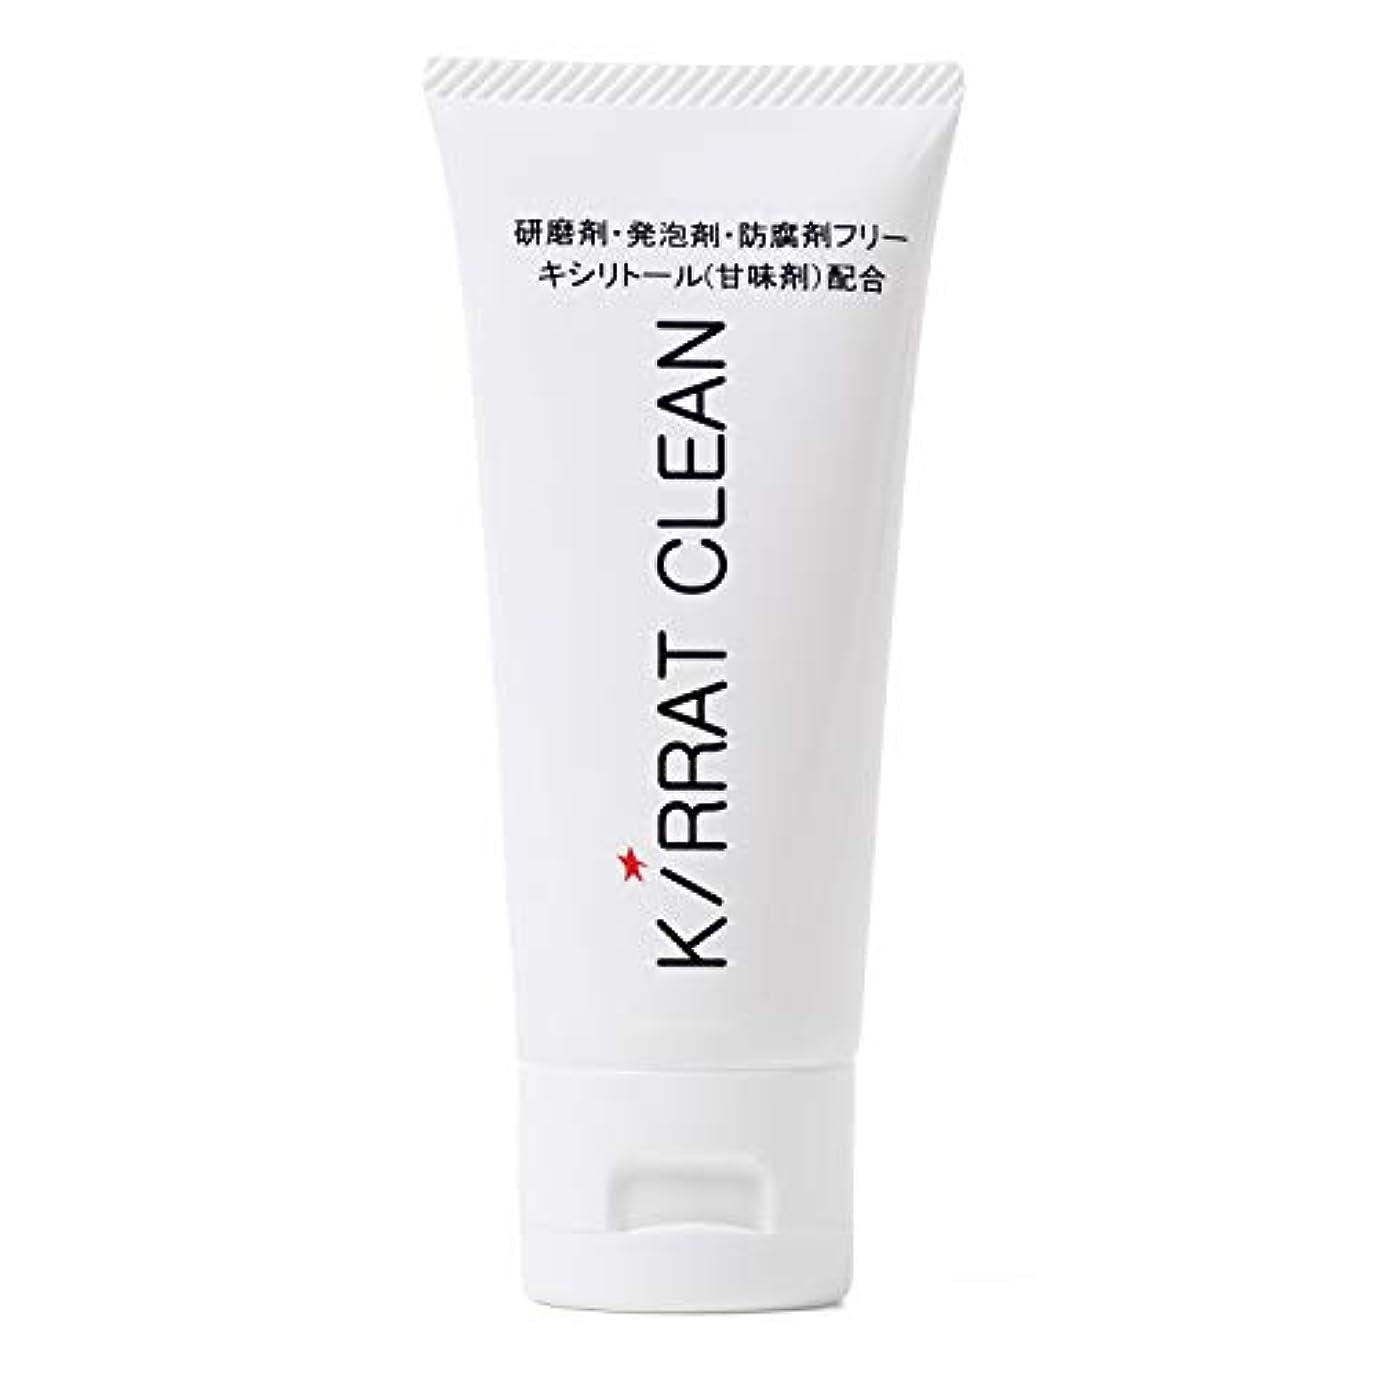 急速な懇願するタイトルYUZO 歯磨き粉 キラットクリーン 60g 研磨剤 発泡剤 防腐剤フリー